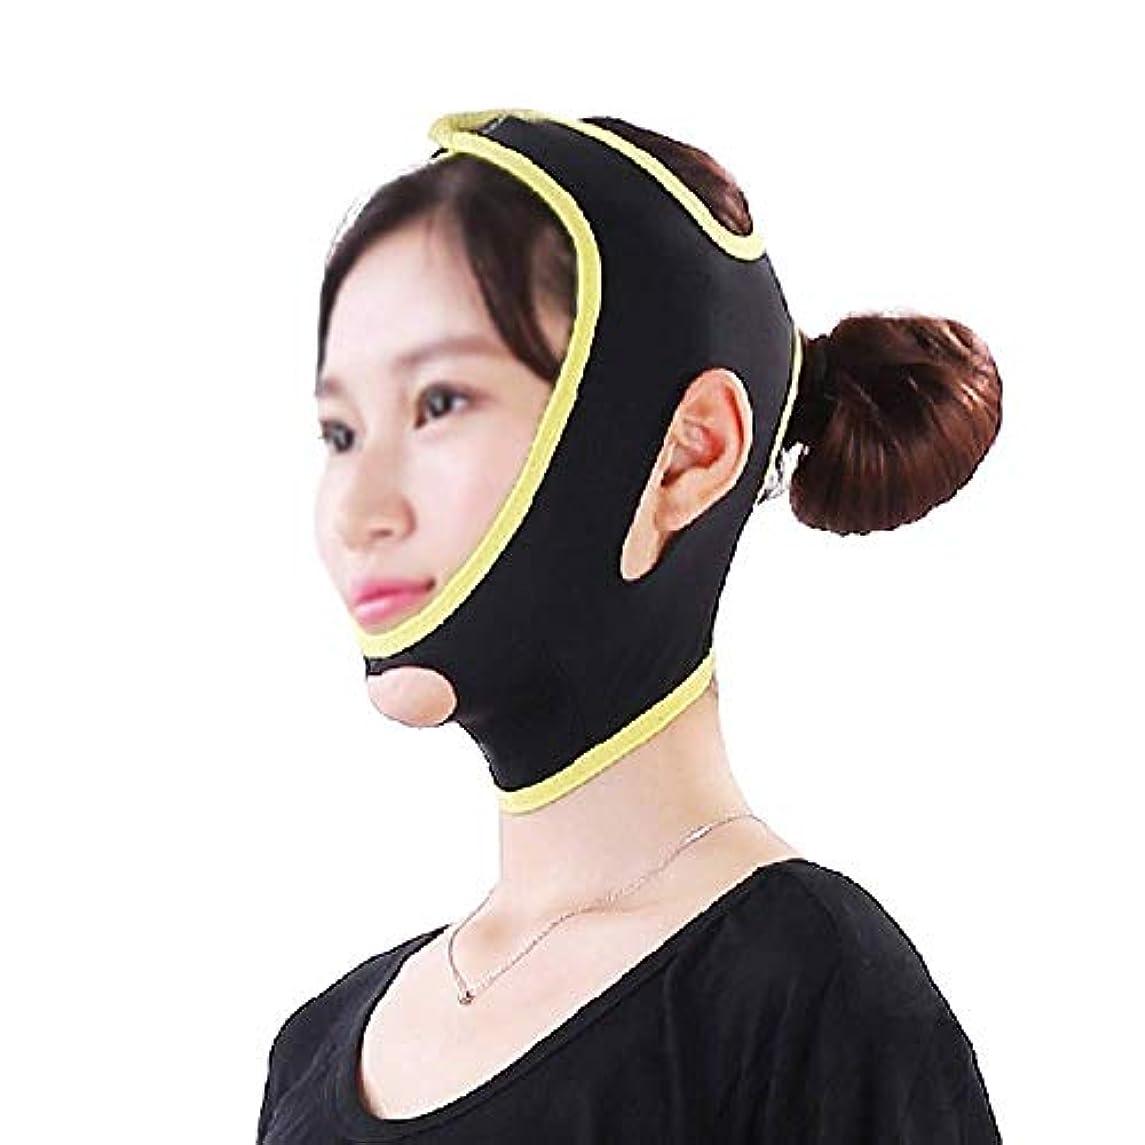 バインド彫刻家マントフェイスアンドネックリフト、Vフェイスマスクは顔の輪郭を強化して、顎の超弾性包帯を引き締める咬筋を緩和します(サイズ:M)